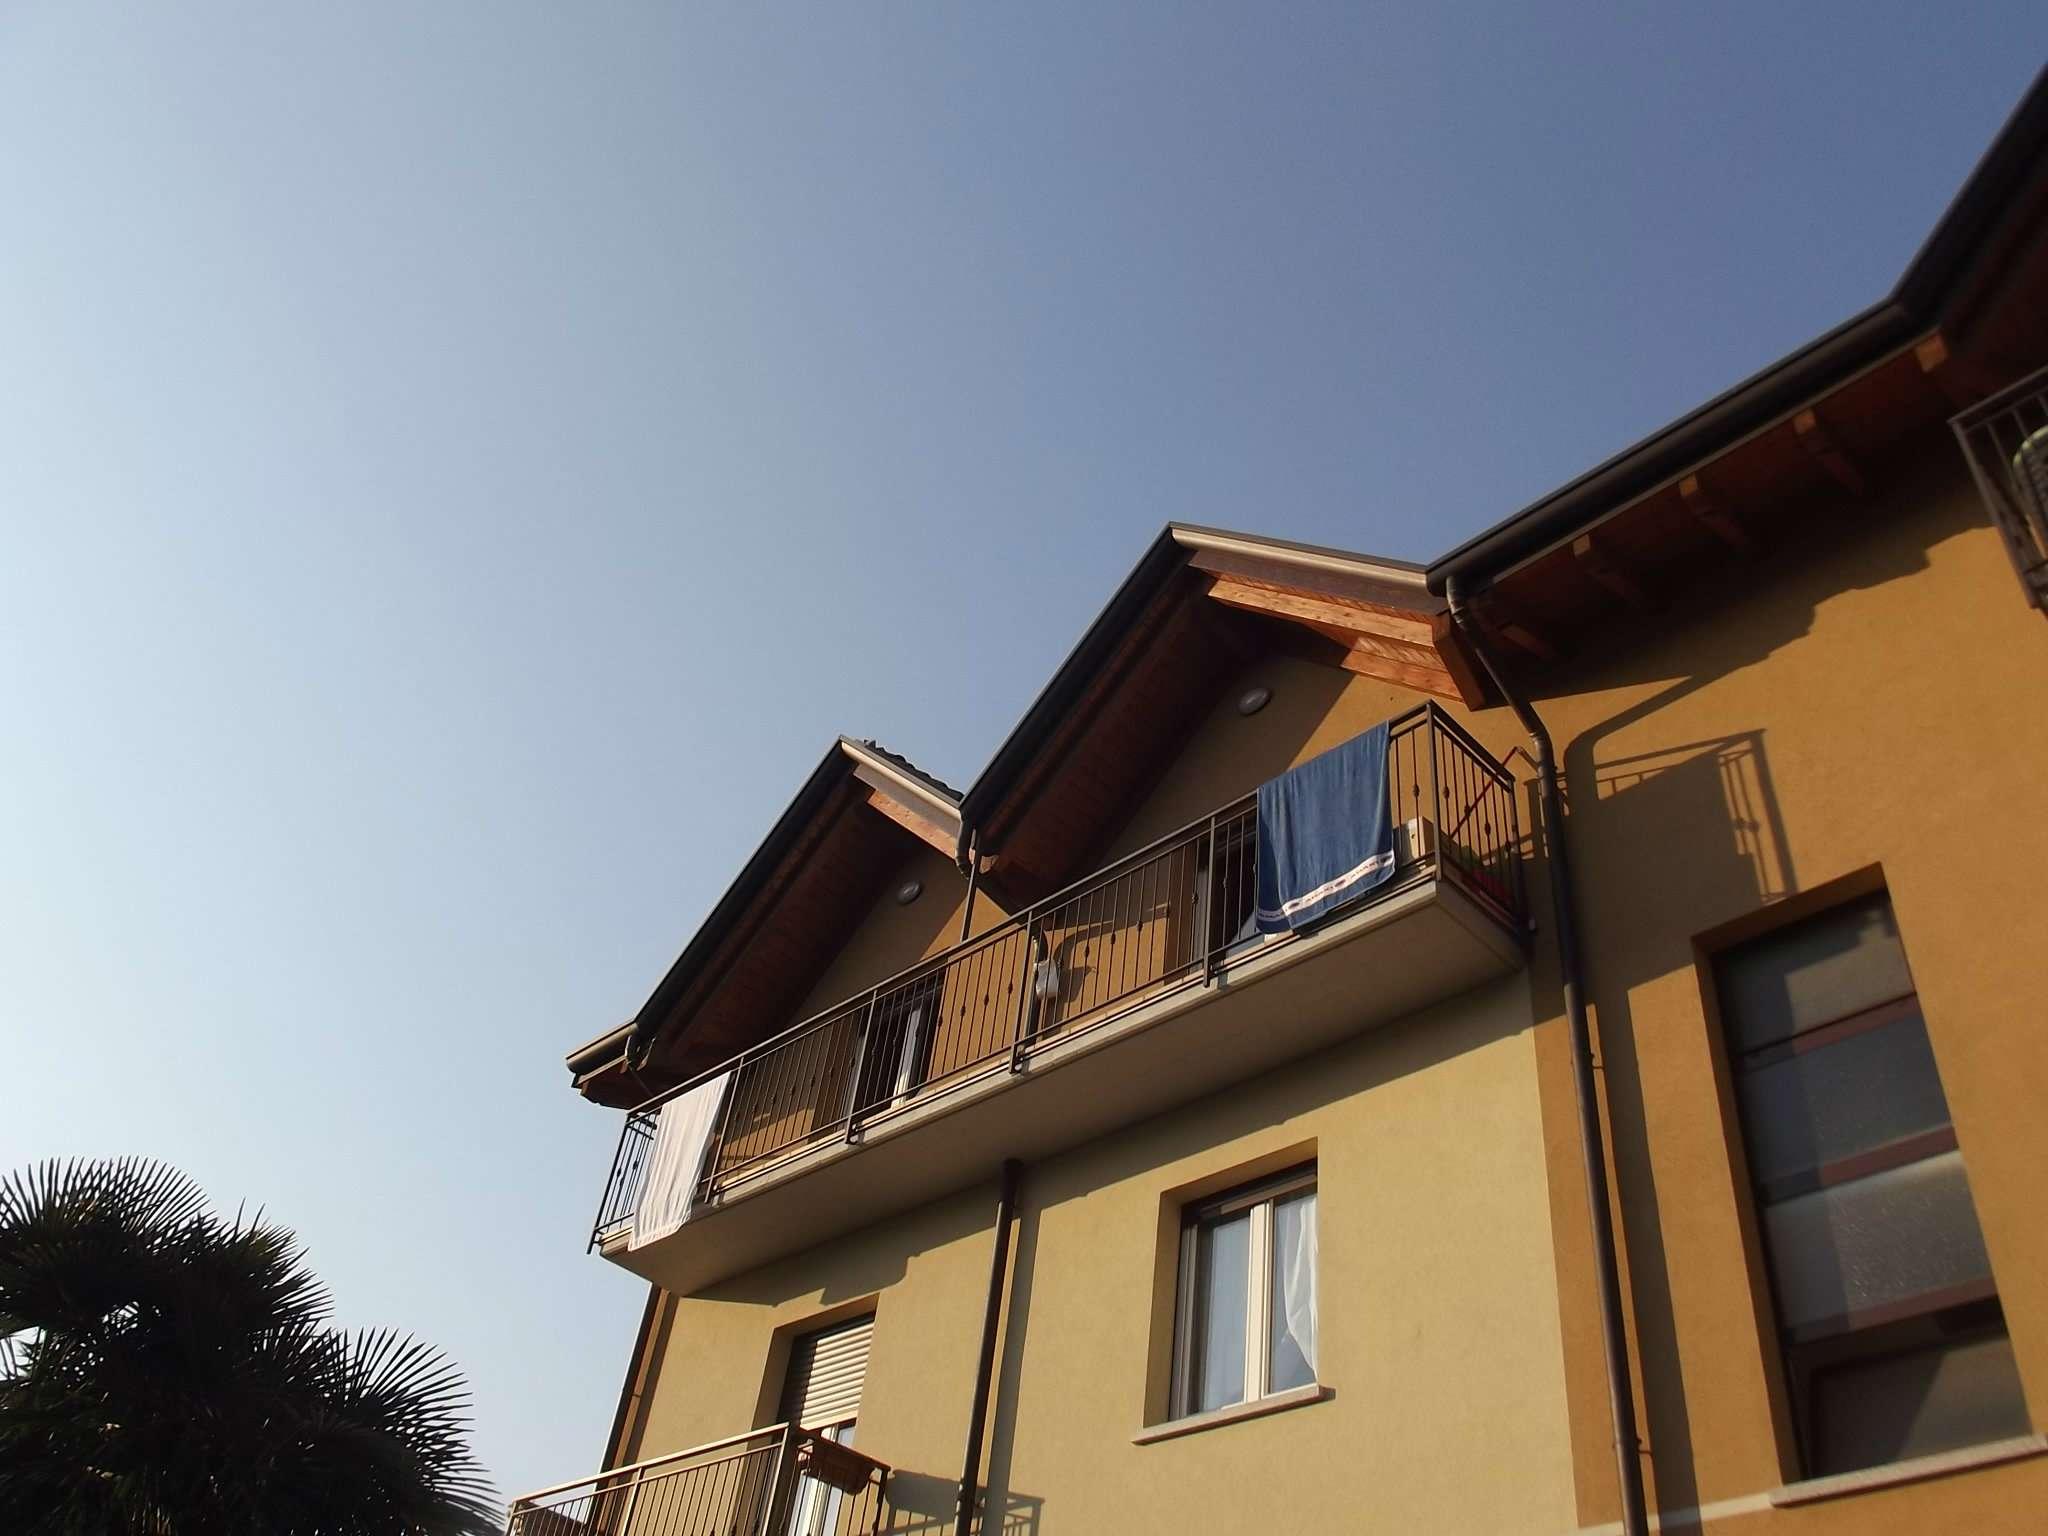 Attico / Mansarda in affitto a Induno Olona, 3 locali, prezzo € 650 | Cambio Casa.it